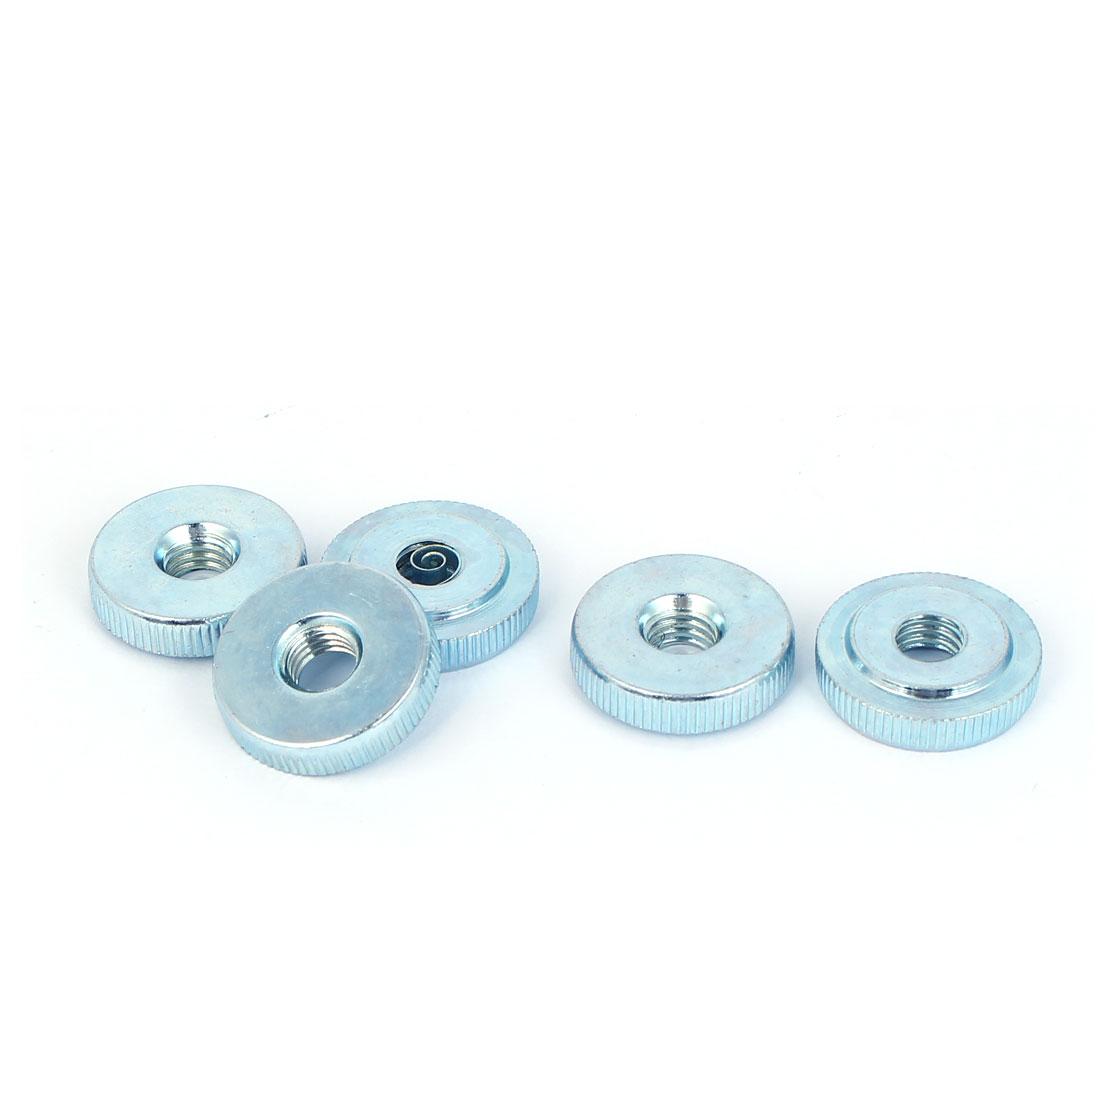 M8 Thread Carbon Steel Thin Type Knurled Flat Thumb Nuts Fastener 5pcs